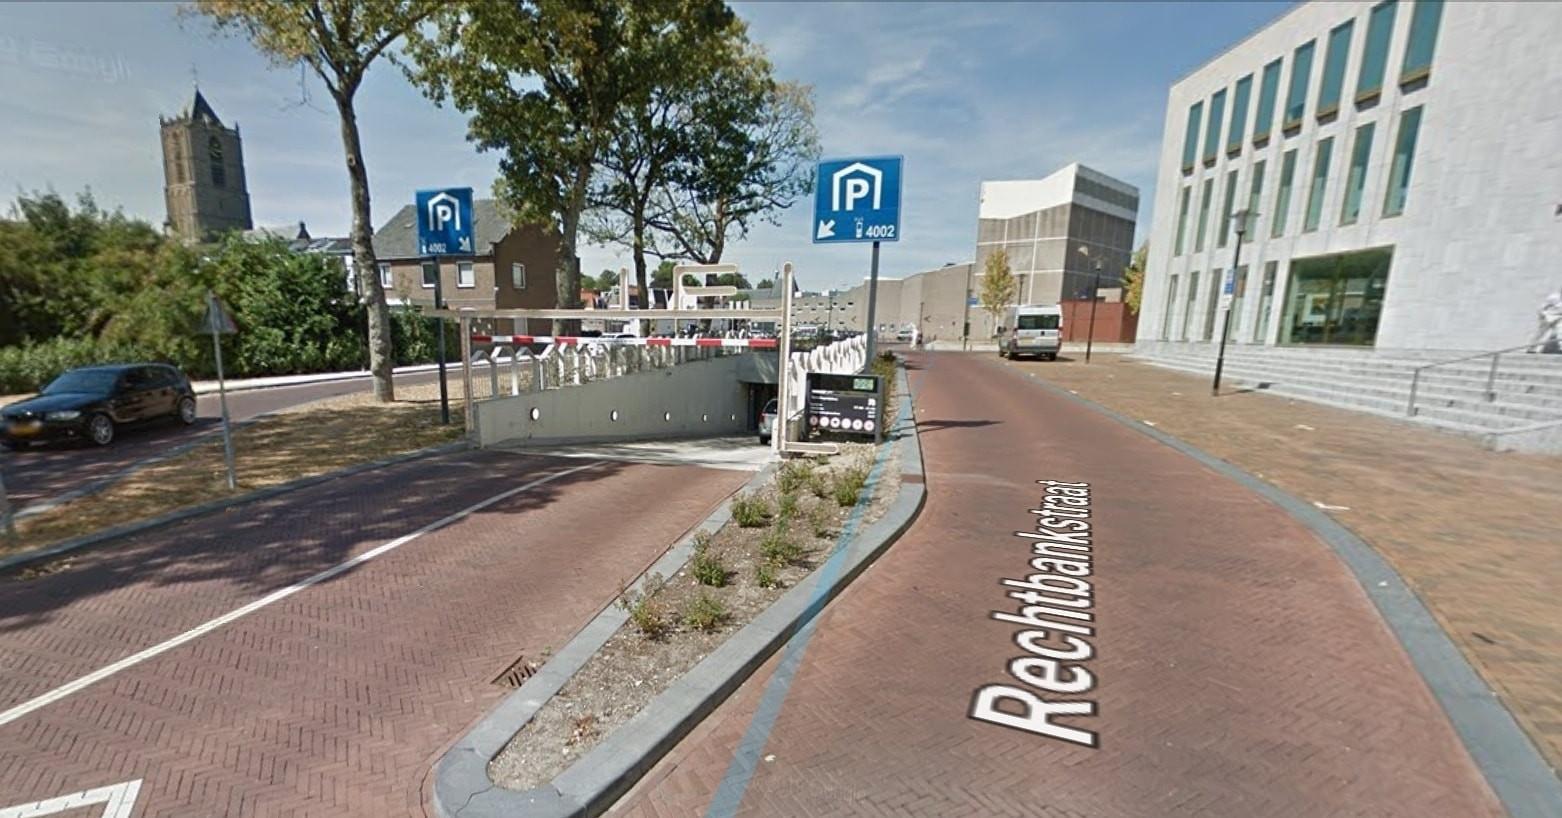 De parkeergarage bij de Zinder in Tiel.